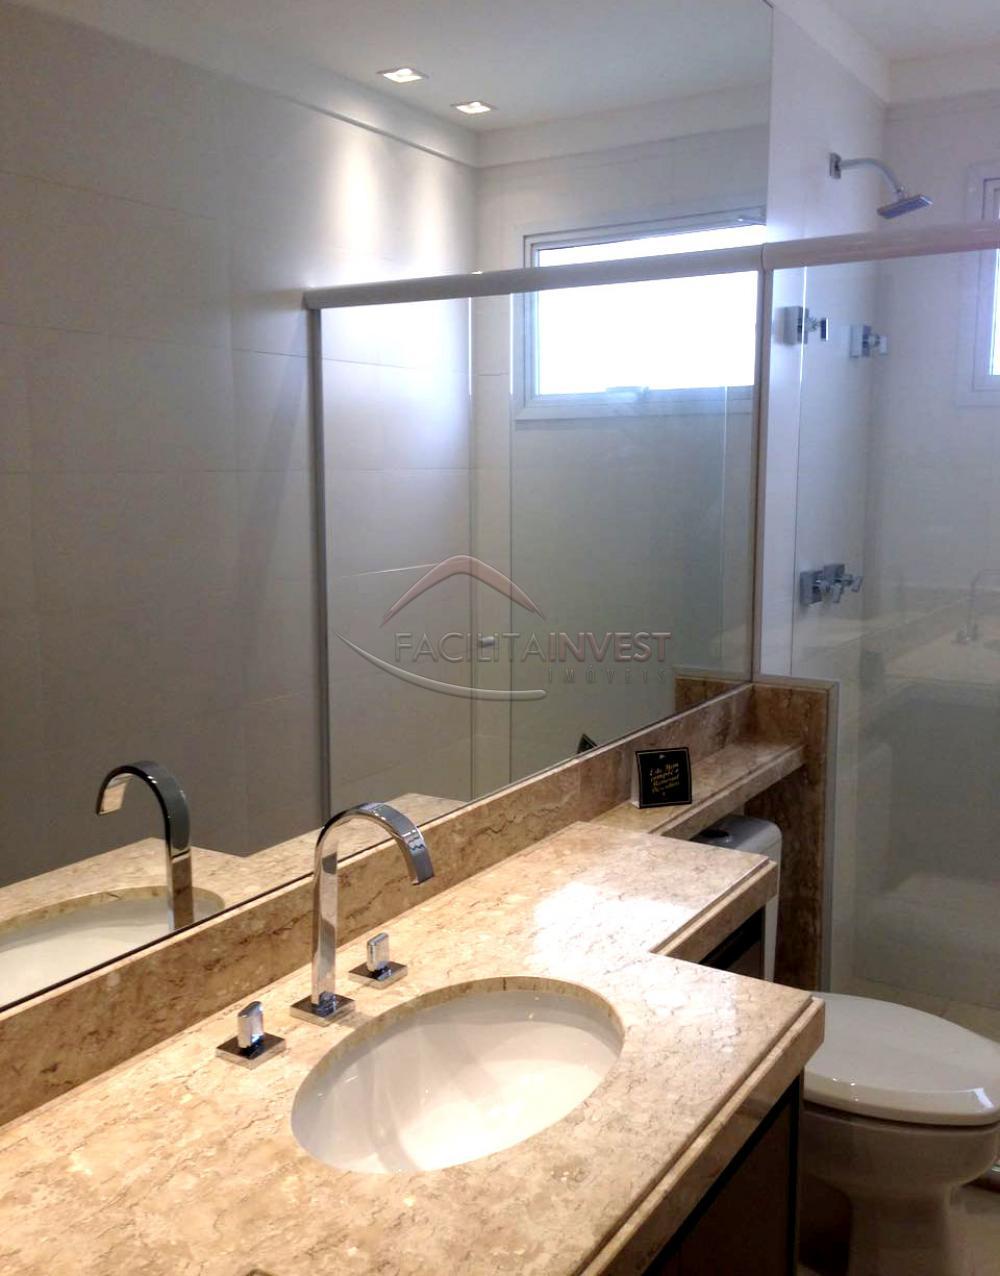 Comprar Lançamentos/ Empreendimentos em Construç / Apartamento padrão - Lançamento em Ribeirão Preto apenas R$ 950.567,00 - Foto 10